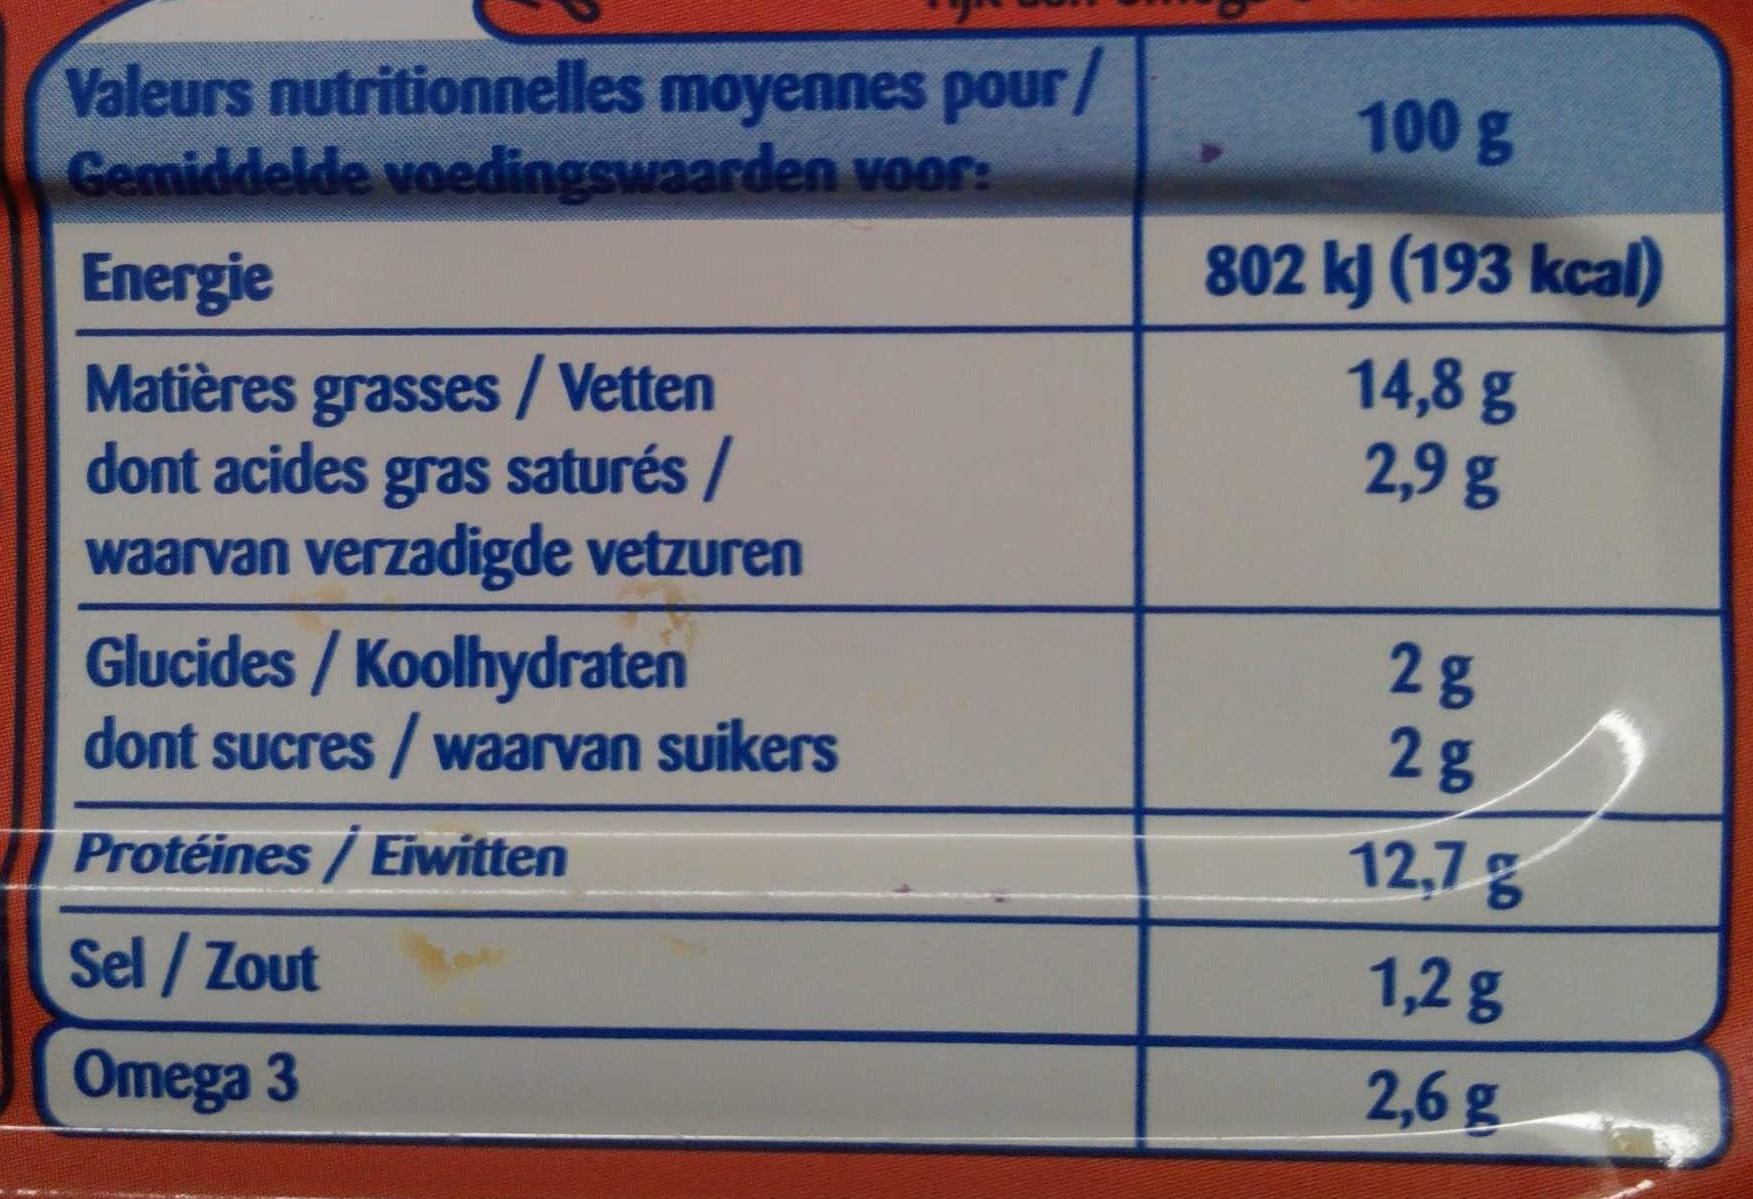 Filets de Maquereaux Tomate - Informations nutritionnelles